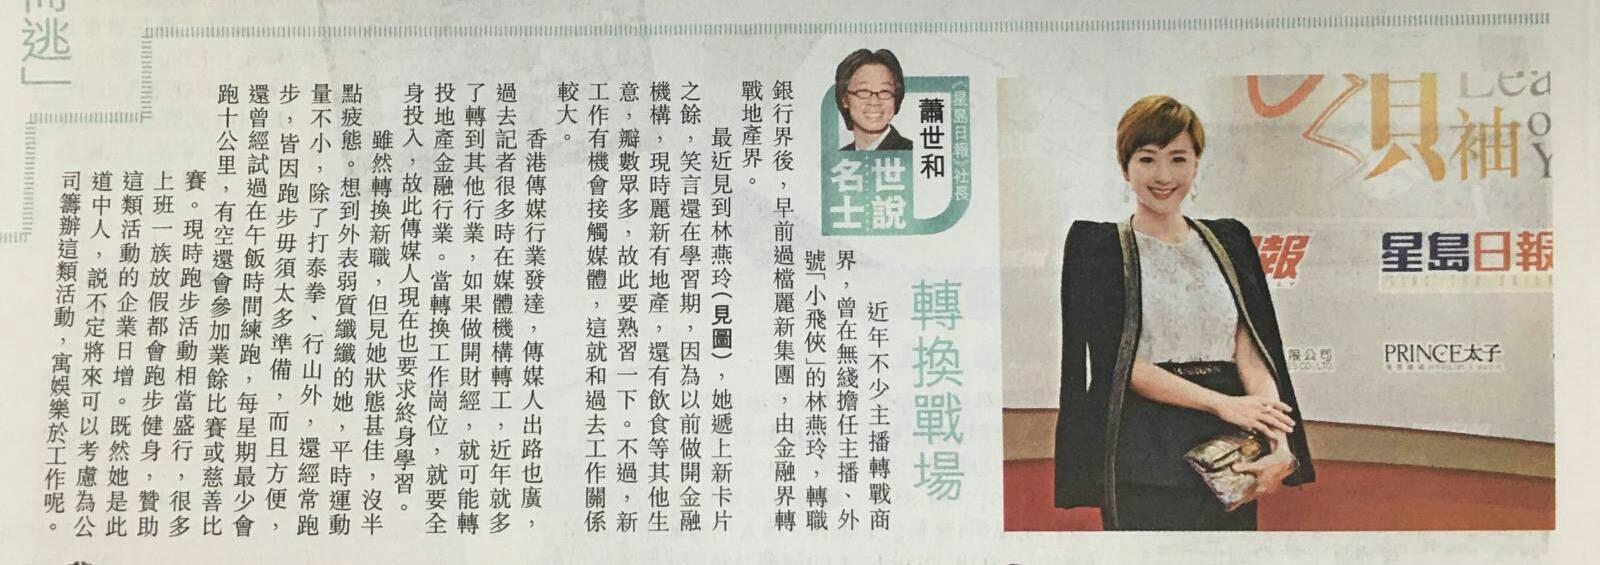 林燕玲官方網誌 Ruby Lam Official Blog: 轉換戰場